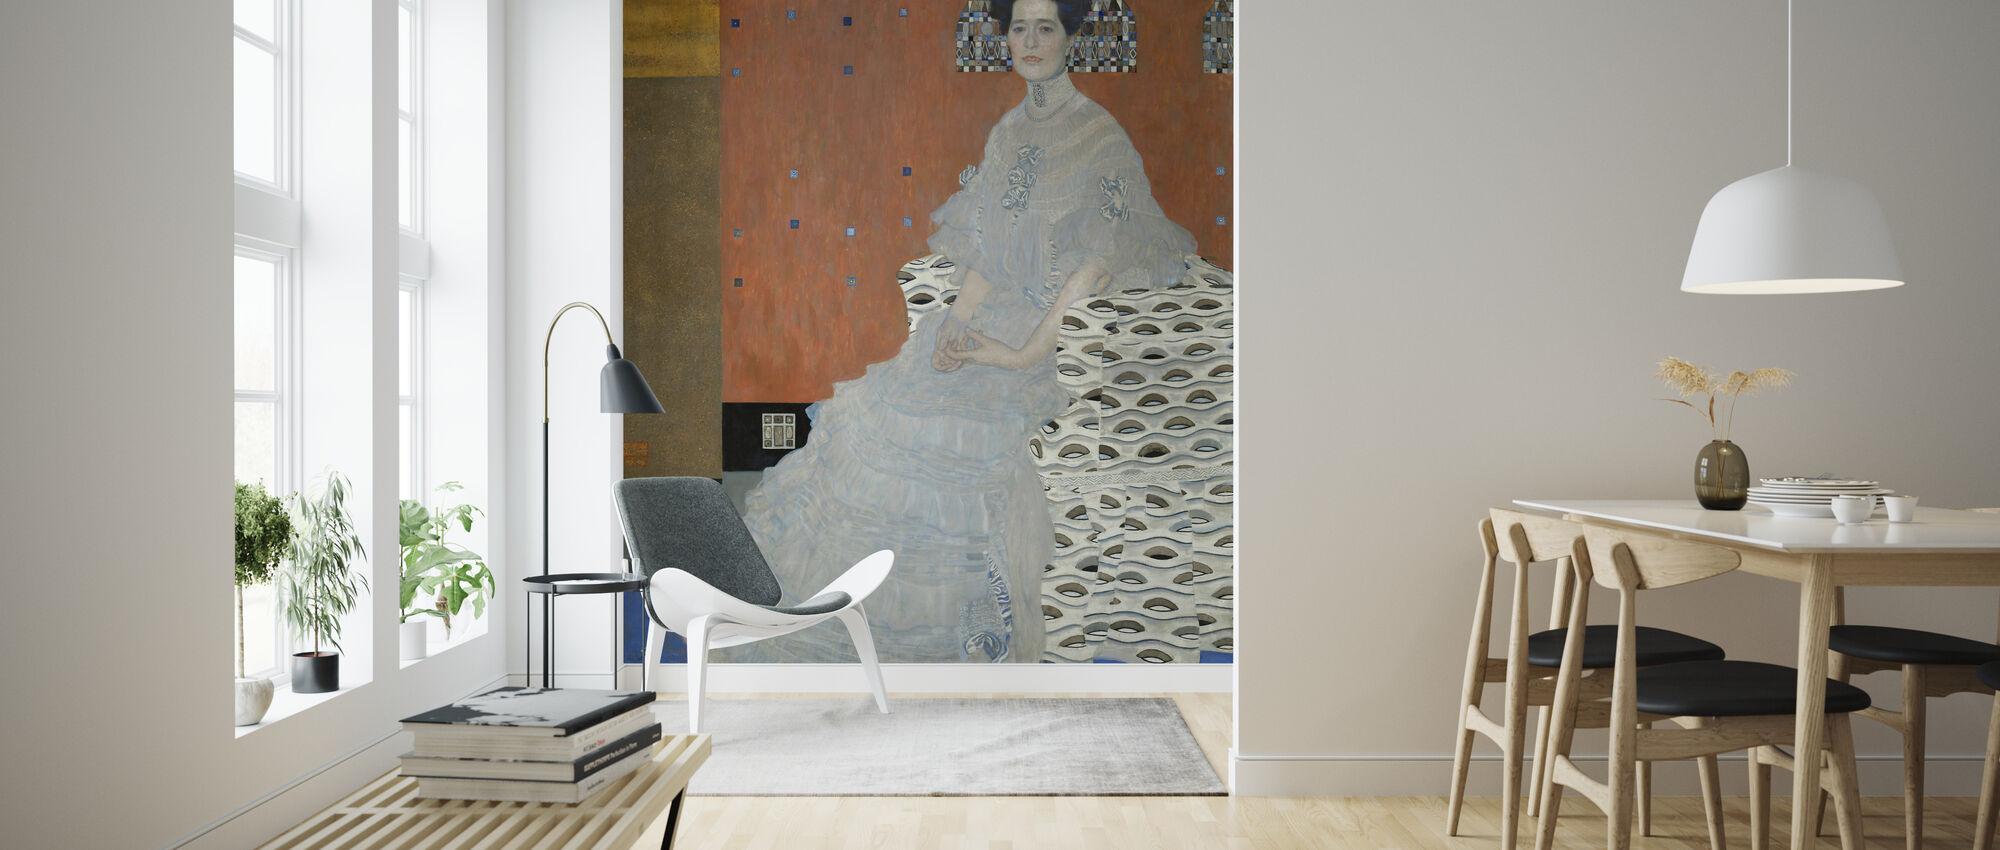 Fritza Riedler - Gustav Klimt - Wallpaper - Living Room